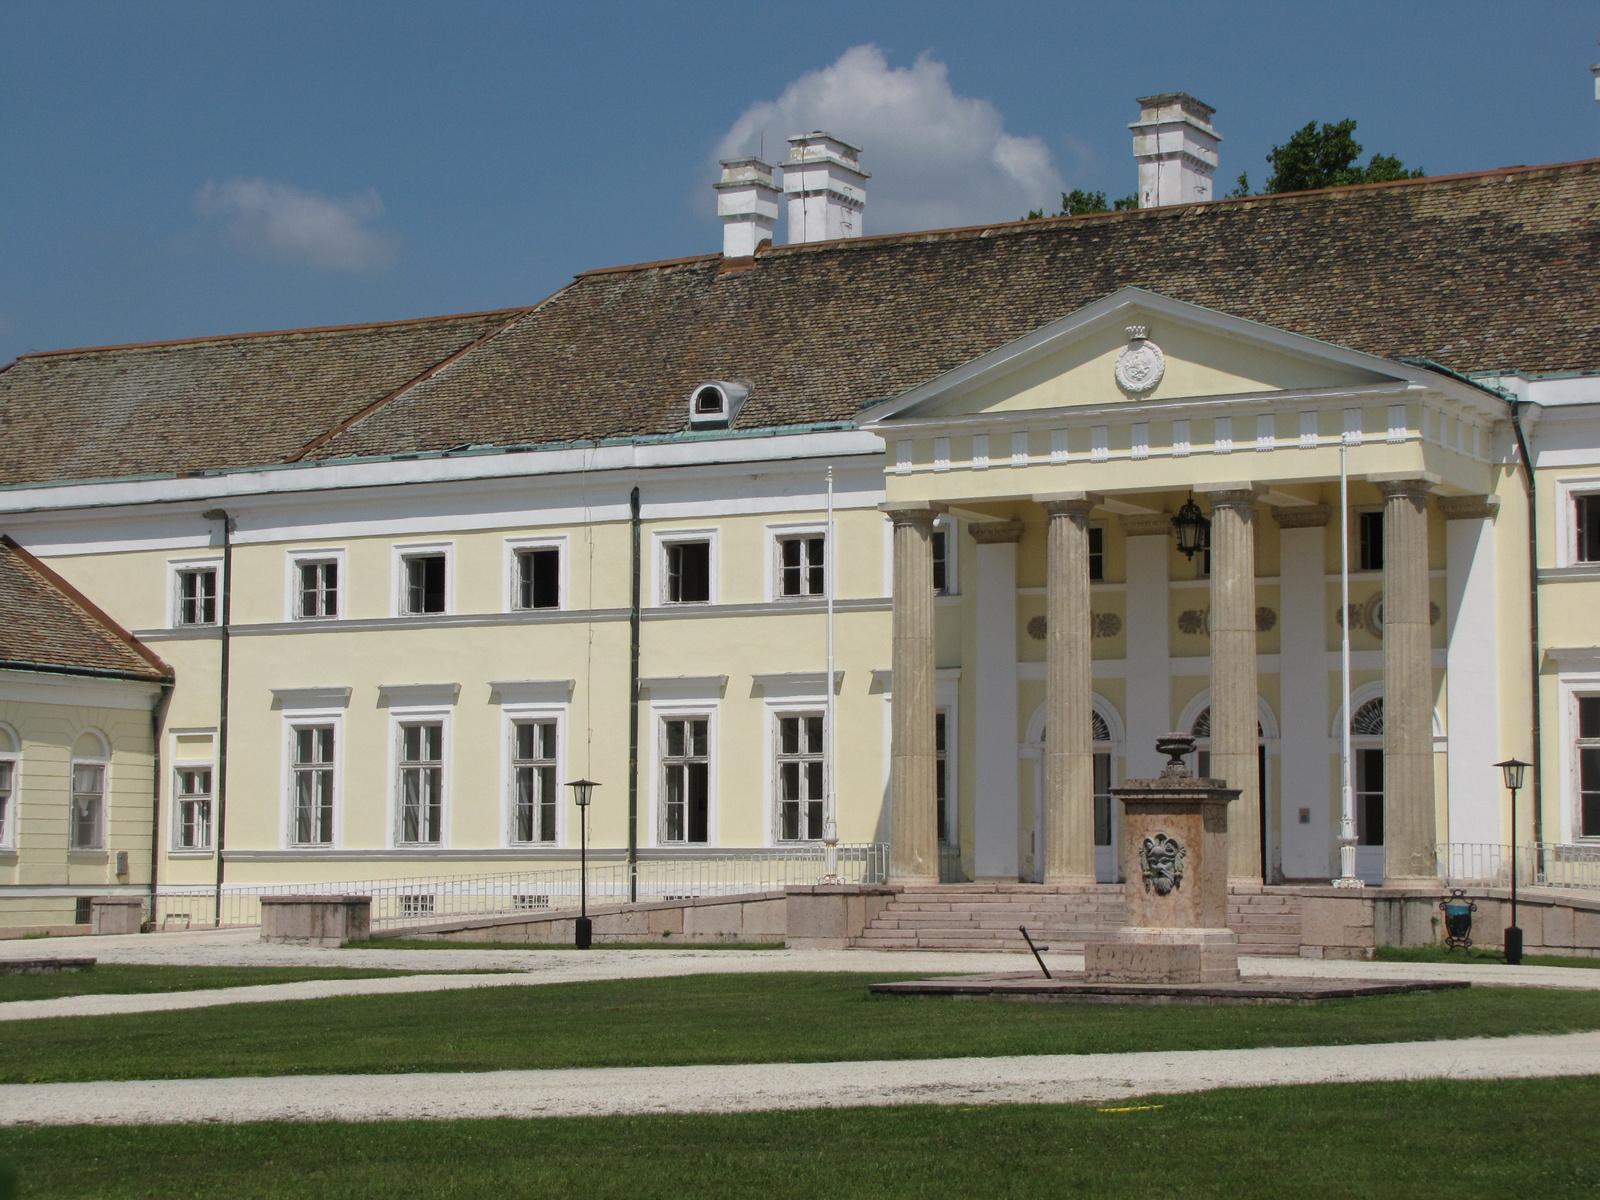 Magyarország, Csákvár, az Esterházy kastély, SzG3